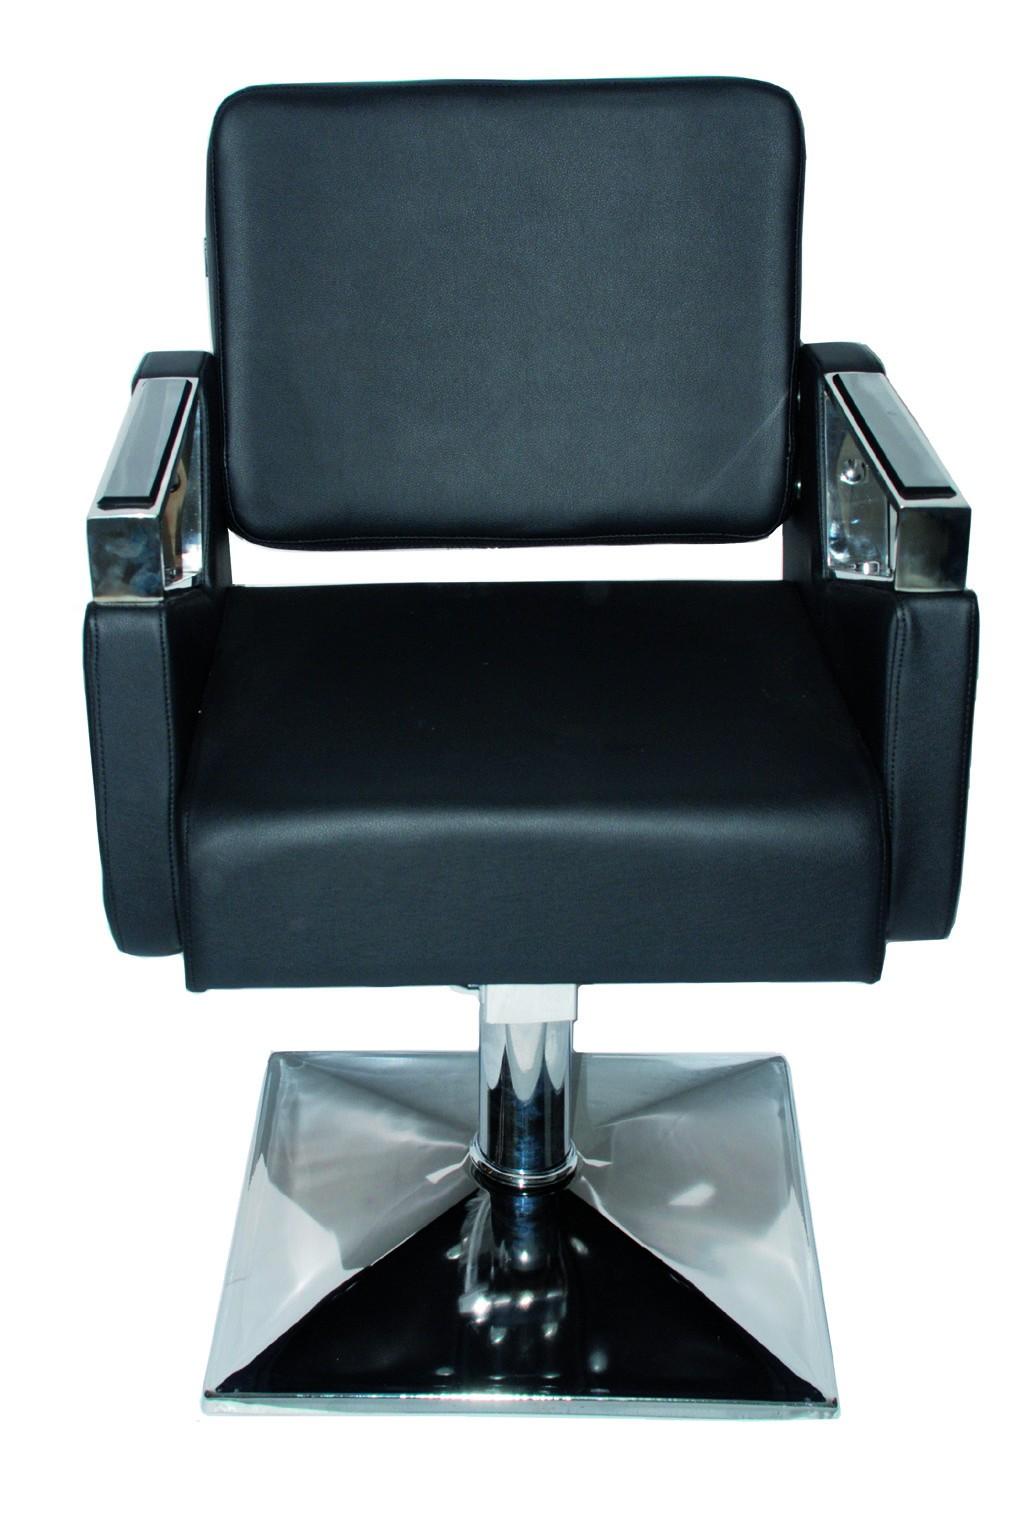 """כיסא לקוח הידראולי דגם 6300. בוכנה גבוהה. אחריות שנתיים על הבוכנה. מחיר לא כולל מע""""מ ולא כולל הובלה."""